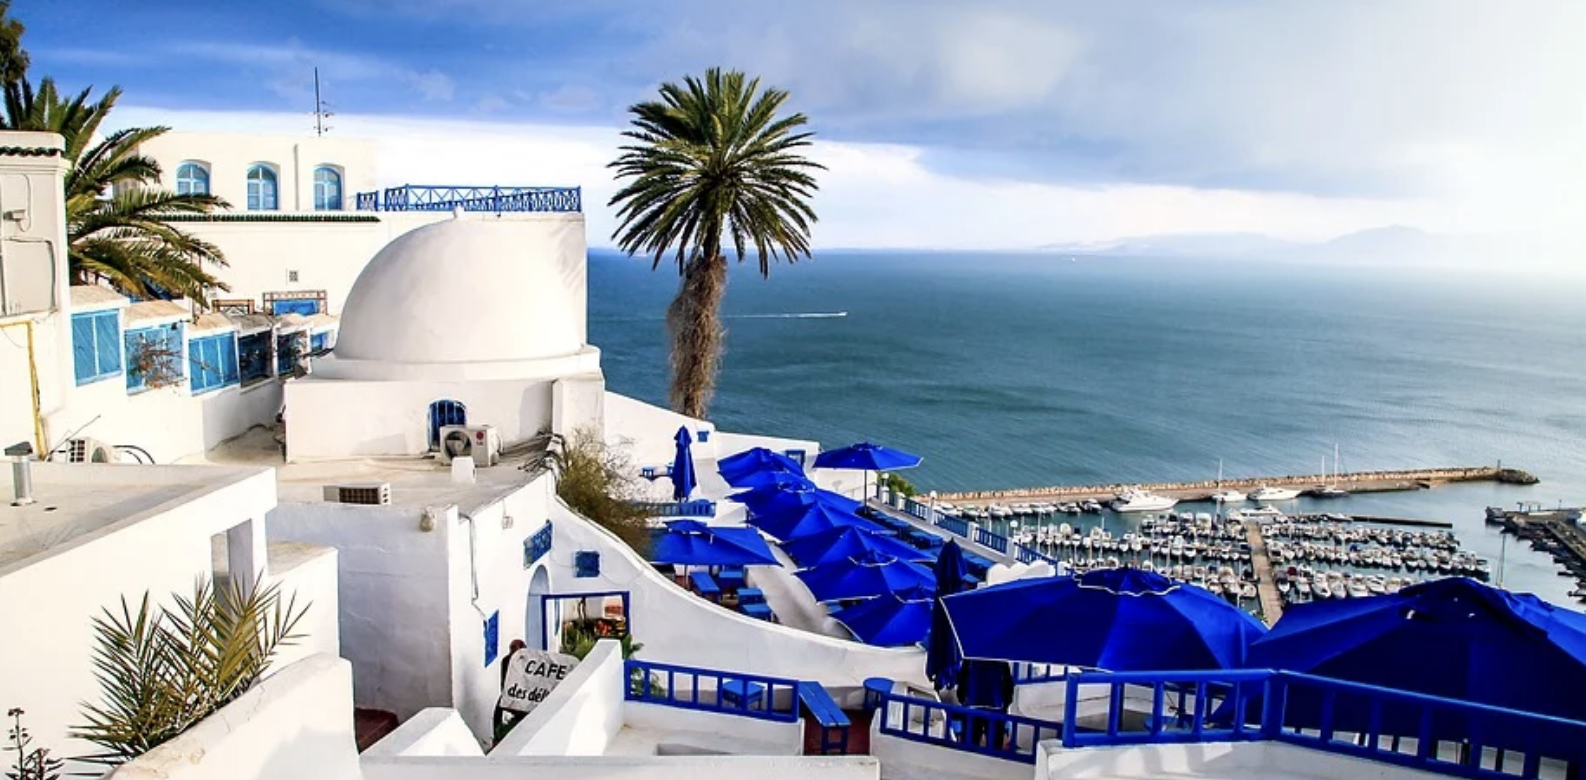 Tunisie : Le Ministre du Tourisme et de l'Artisanat a annoncé des financements pour les professionnels du secteur touristique